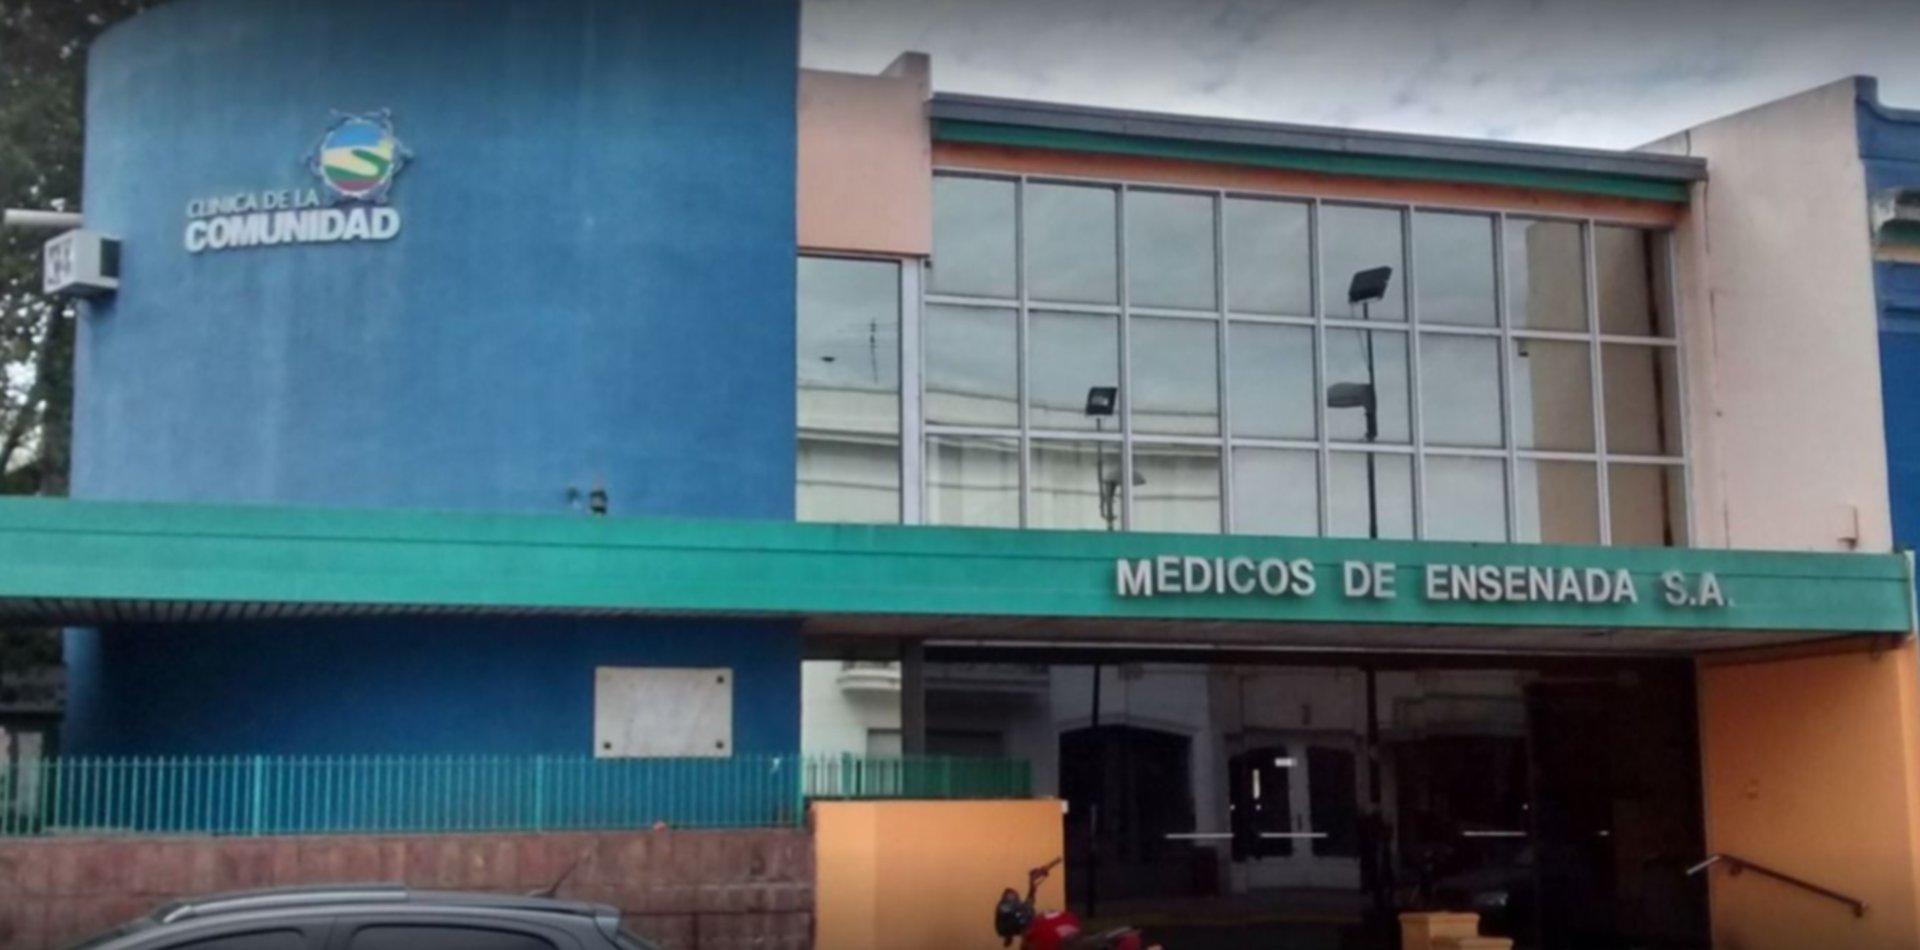 Furia vecinal y protesta en el hospital de Ensenada: familiares piden justicia